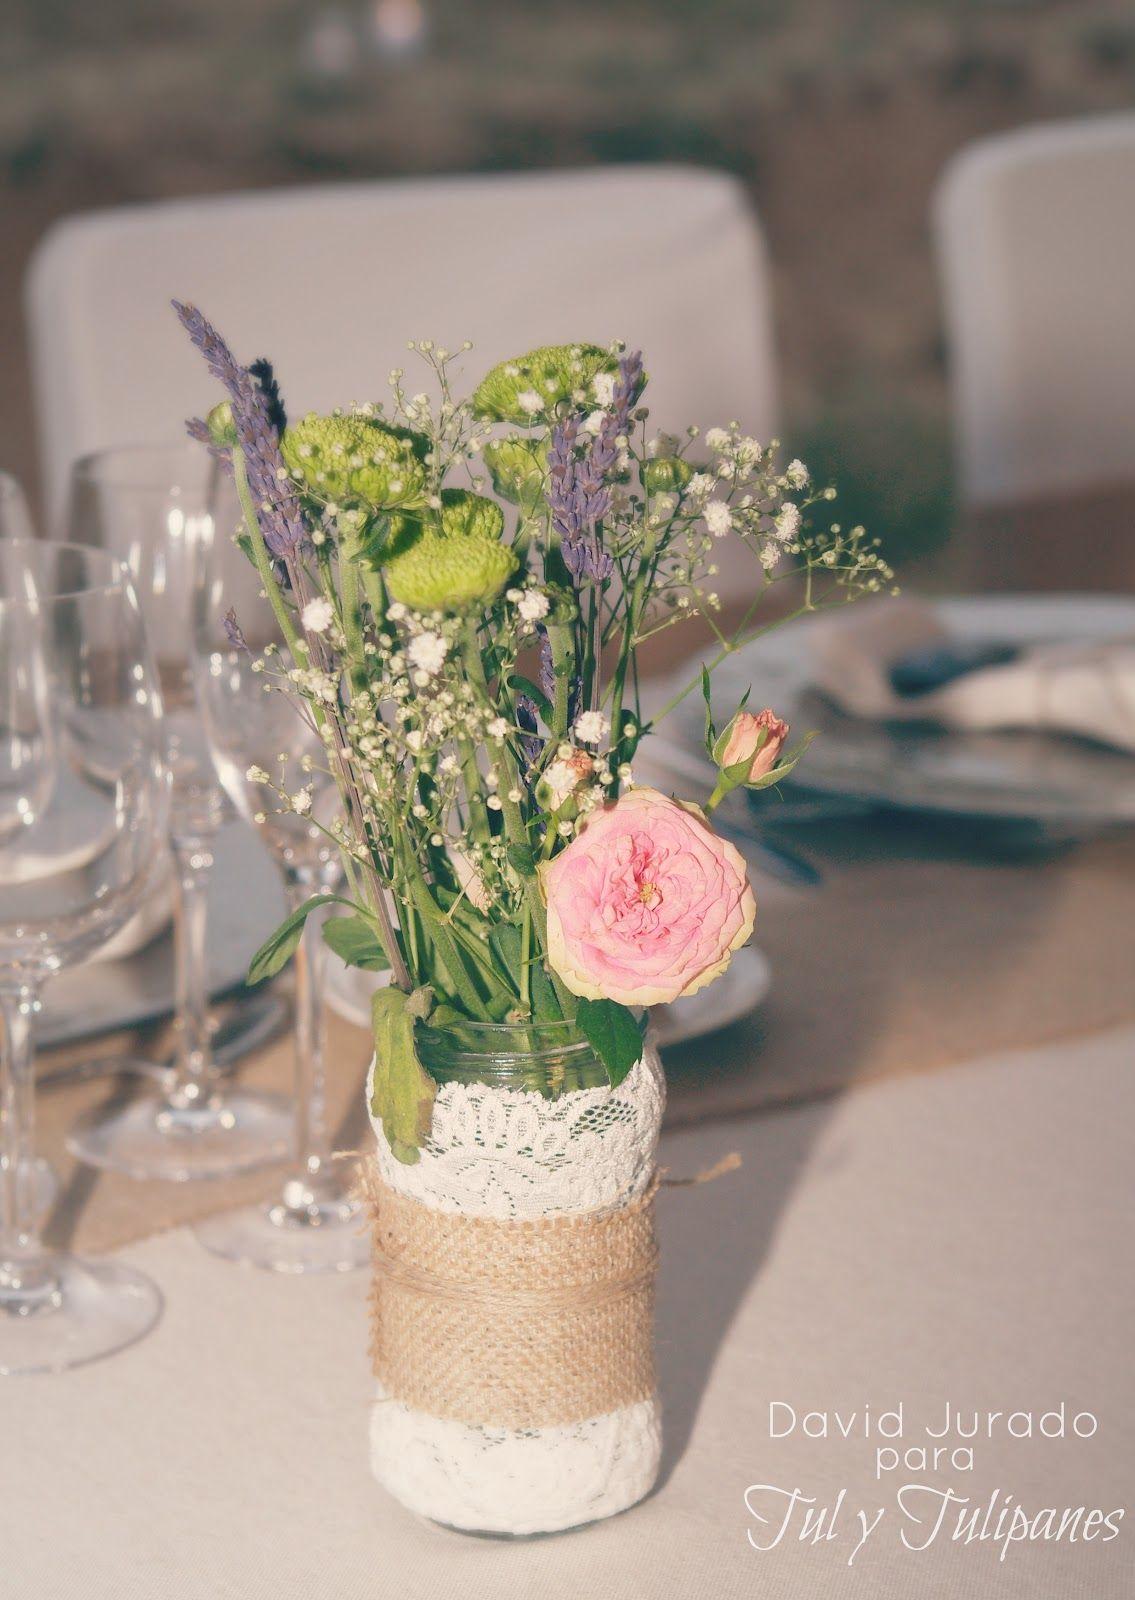 Tul y tulipanes centros de mesa con tarros de cristal arpillera y encaje flores pinterest - Centros de mesa cristal ...